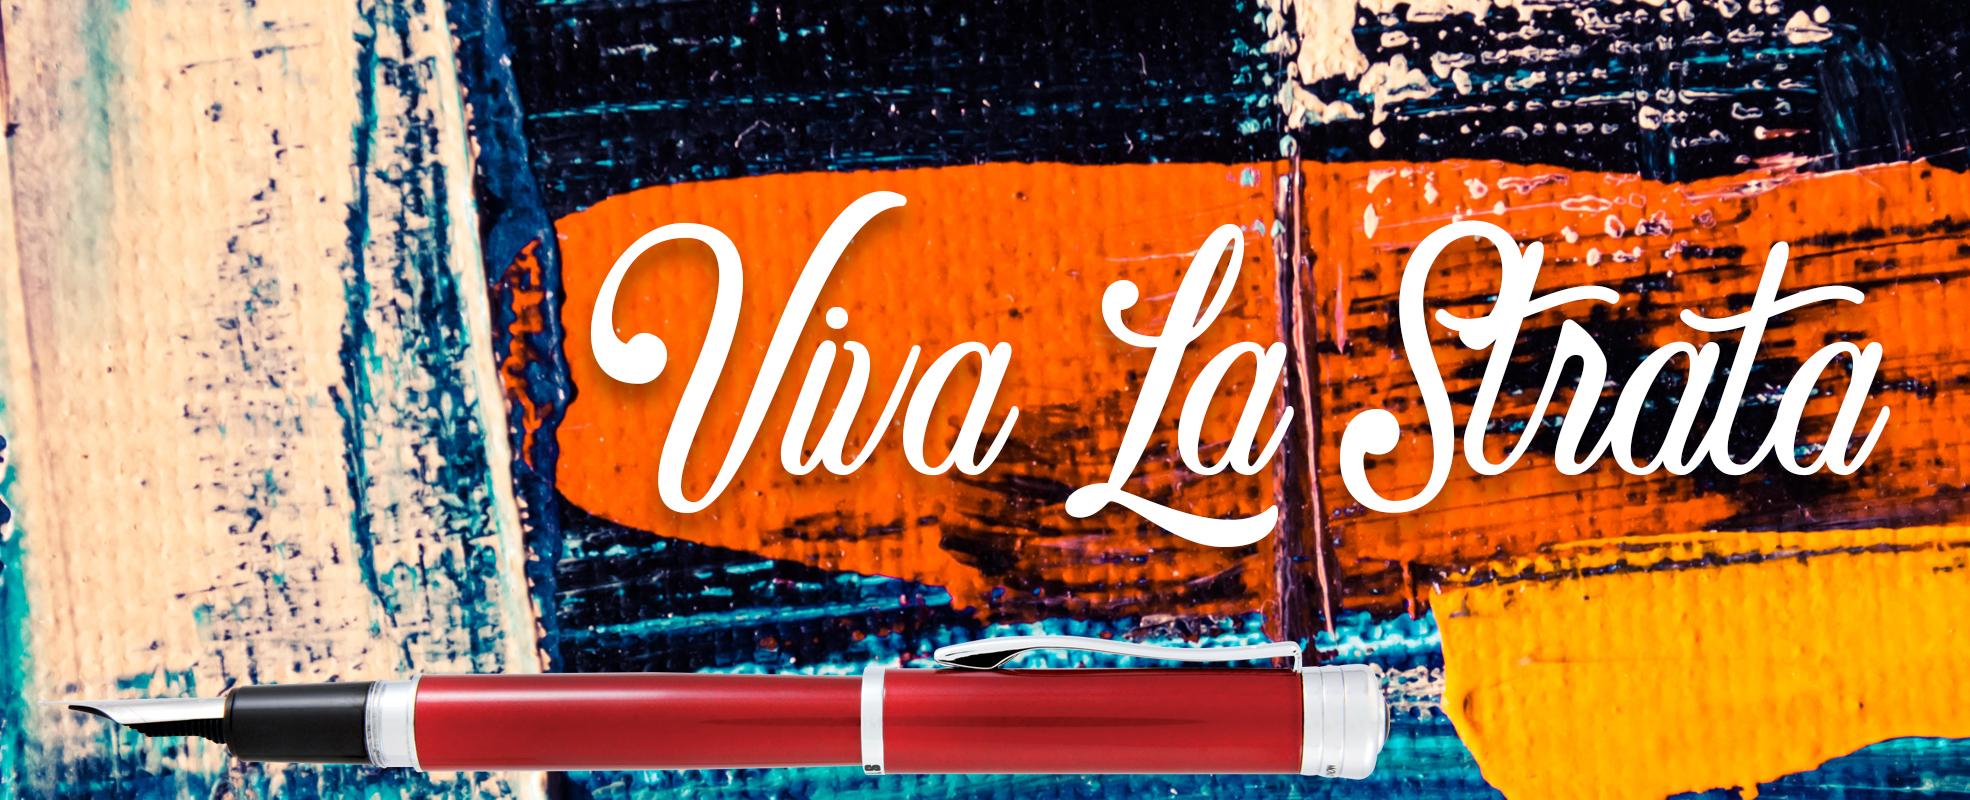 strata-banner-new.jpg